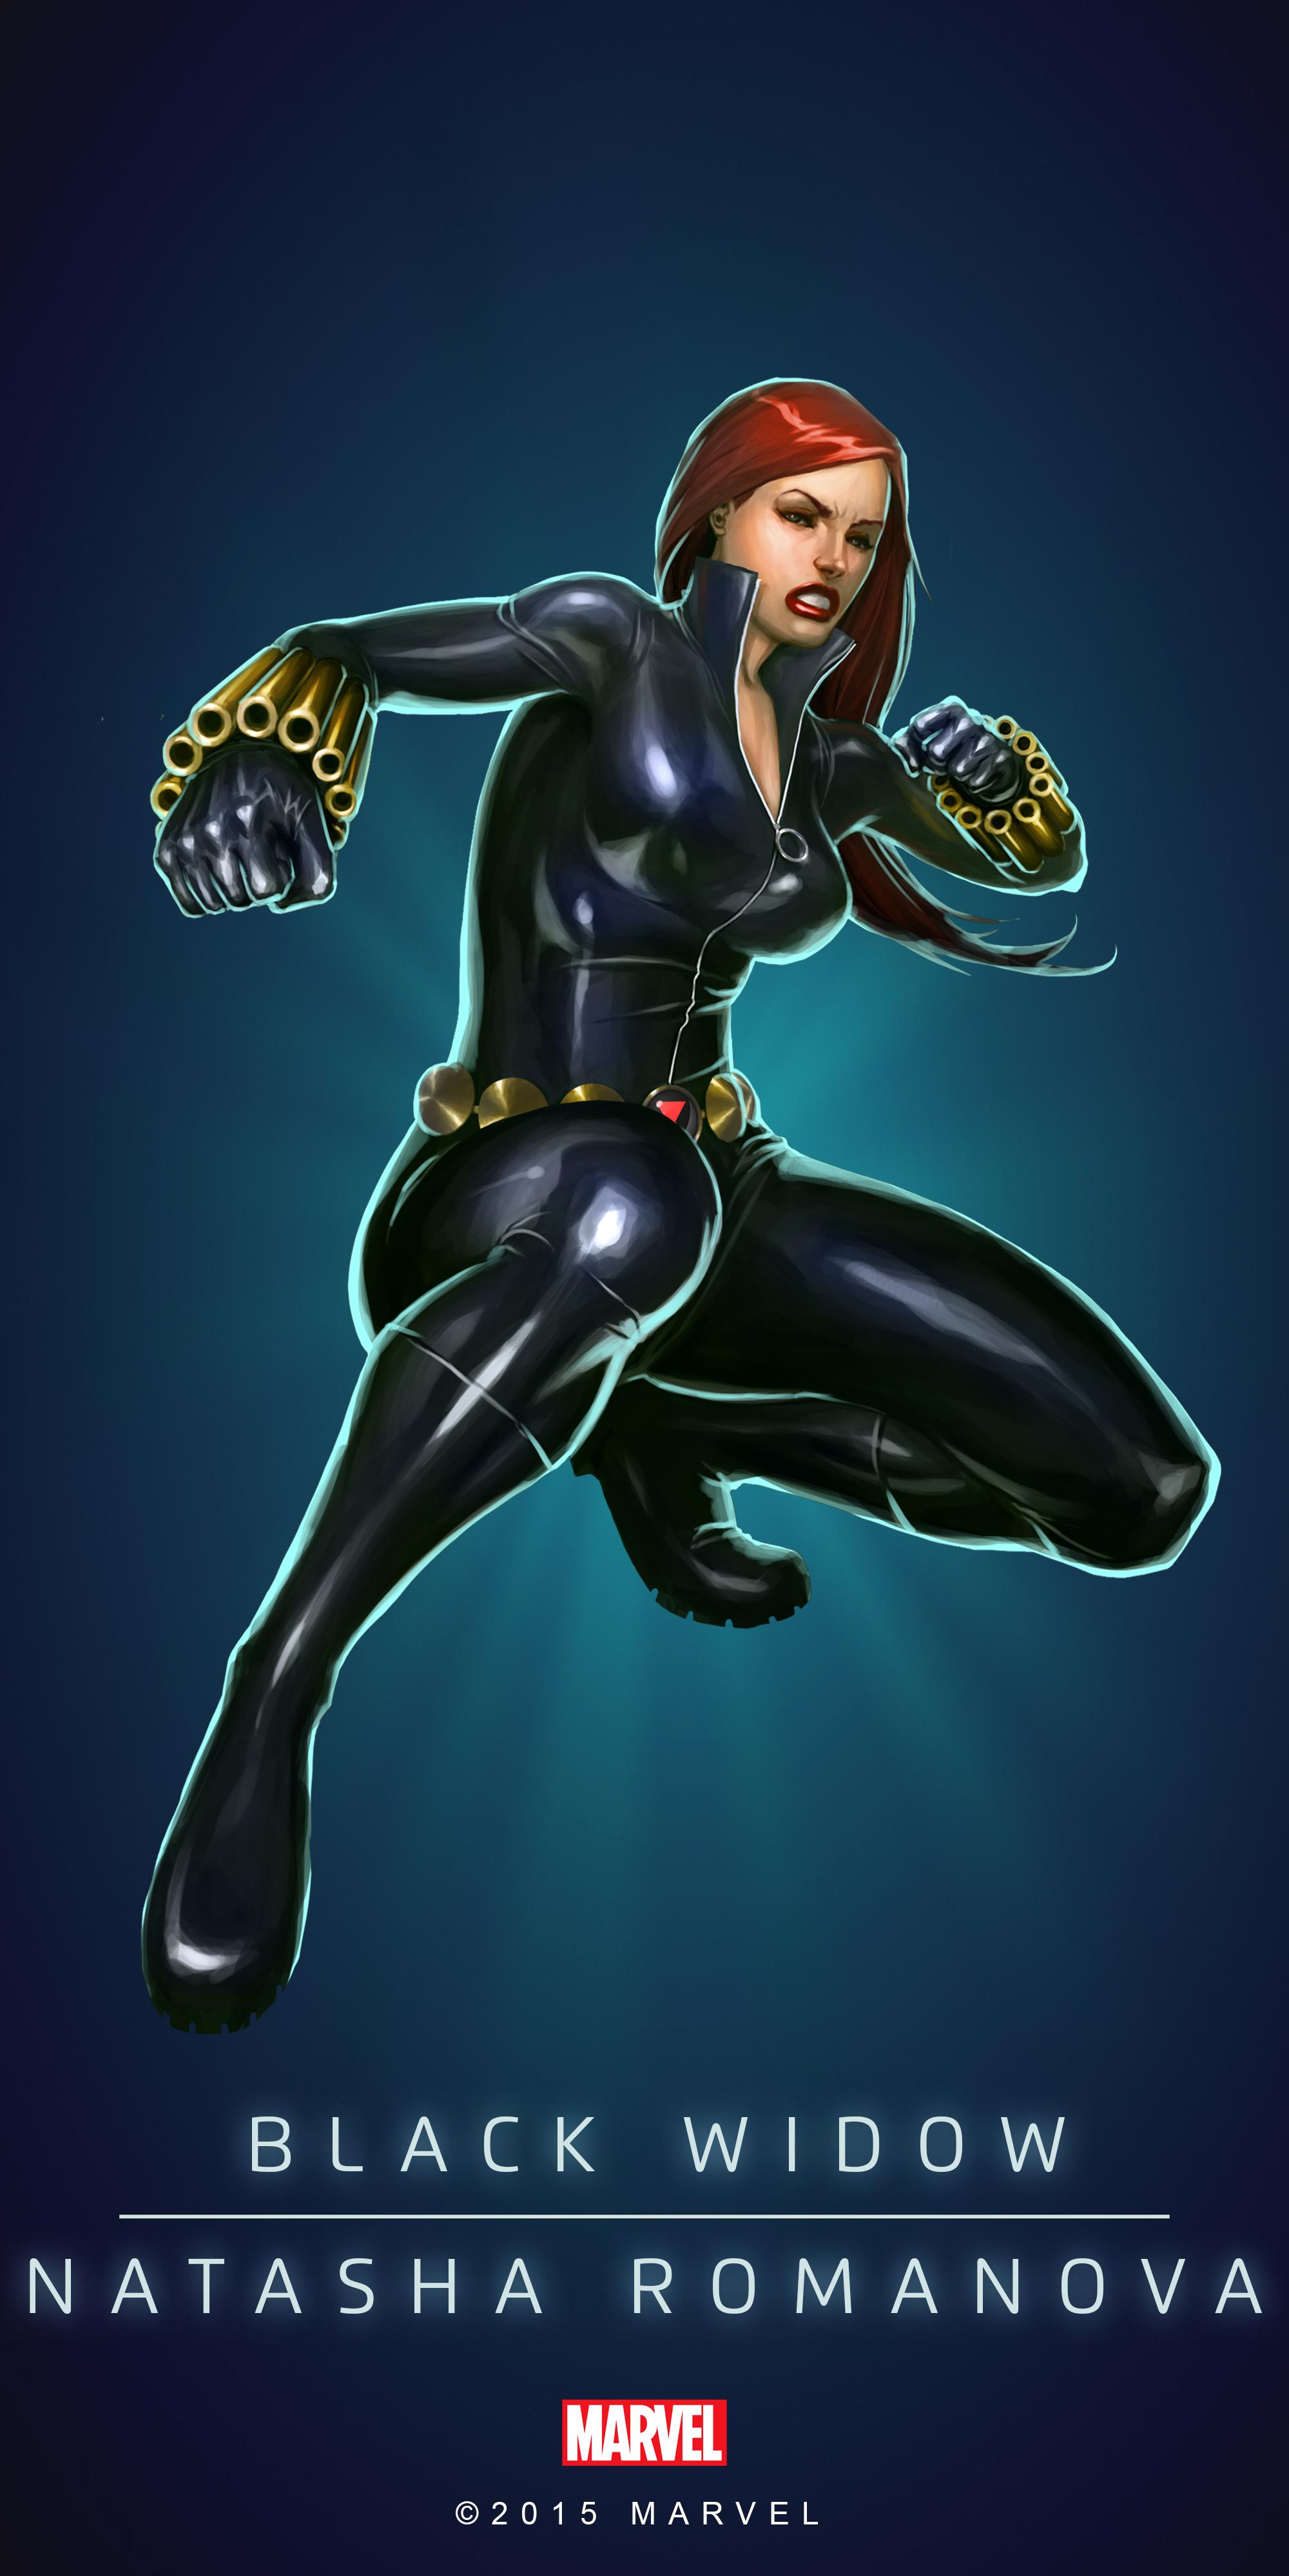 Black Widow Modern Poster 03 Png 2000 3997 Black Widow Marvel Marvel Superheroes Marvel